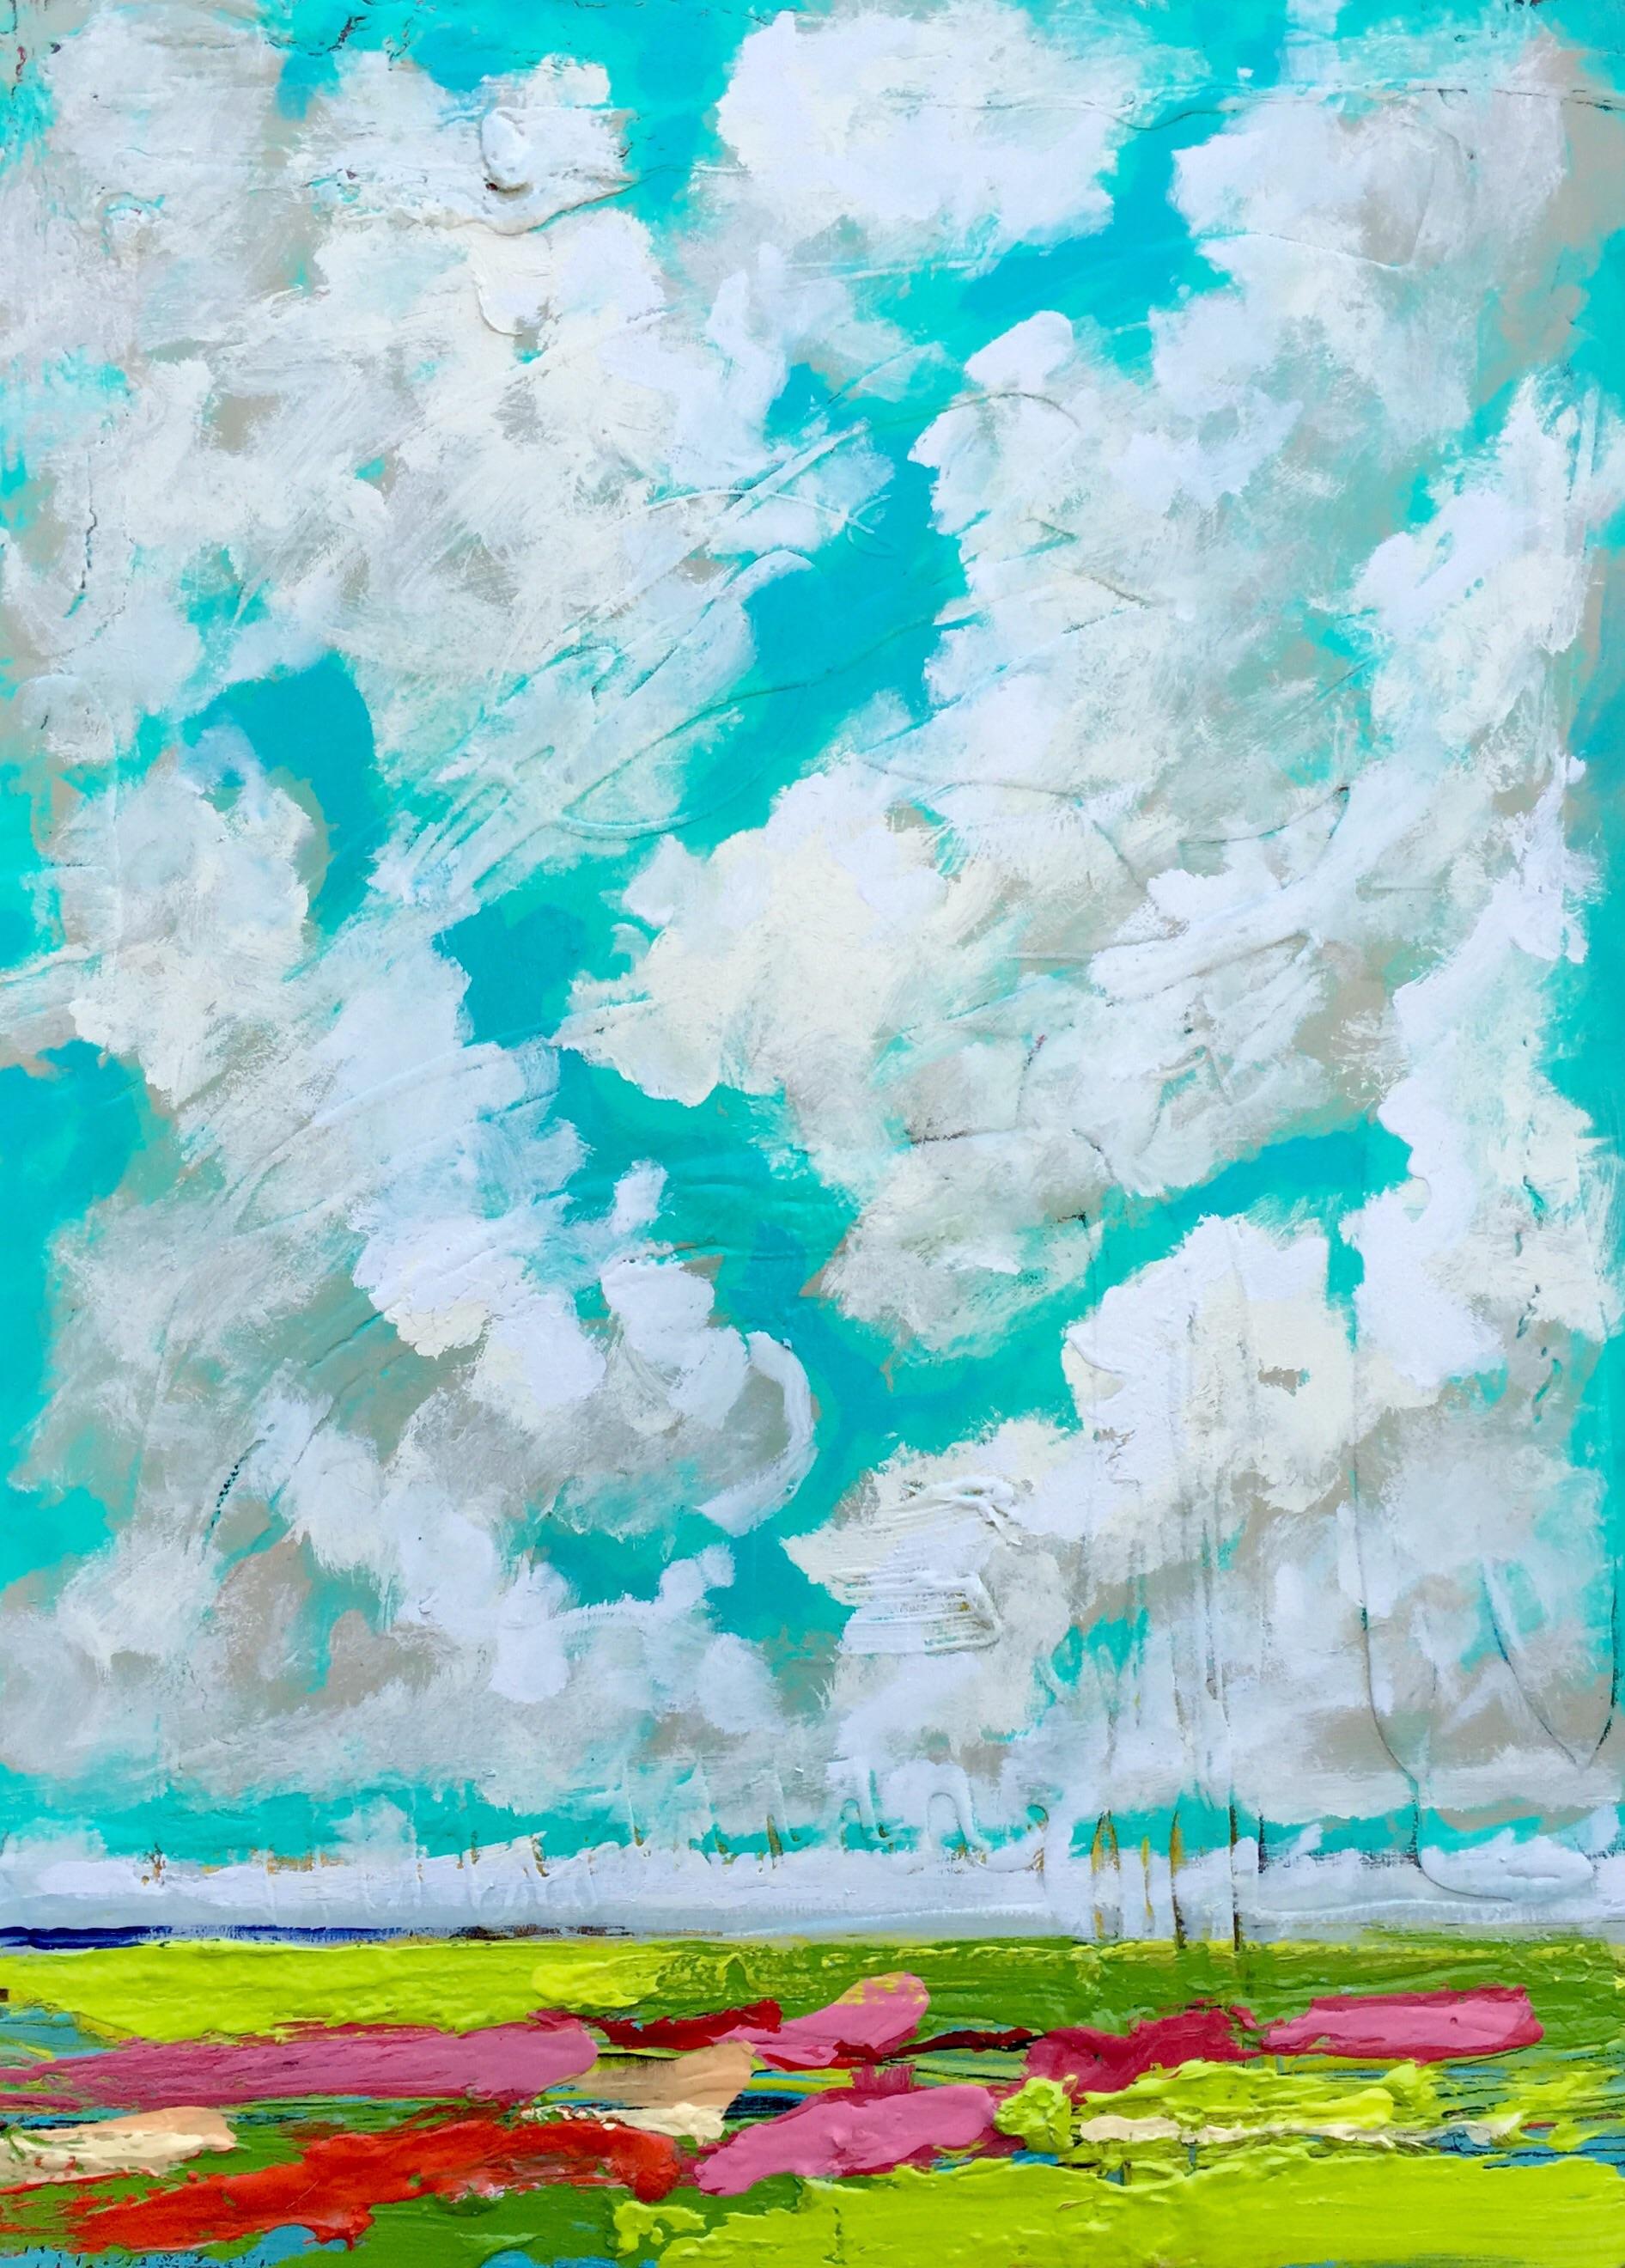 SKY #82 - Norah's Sky